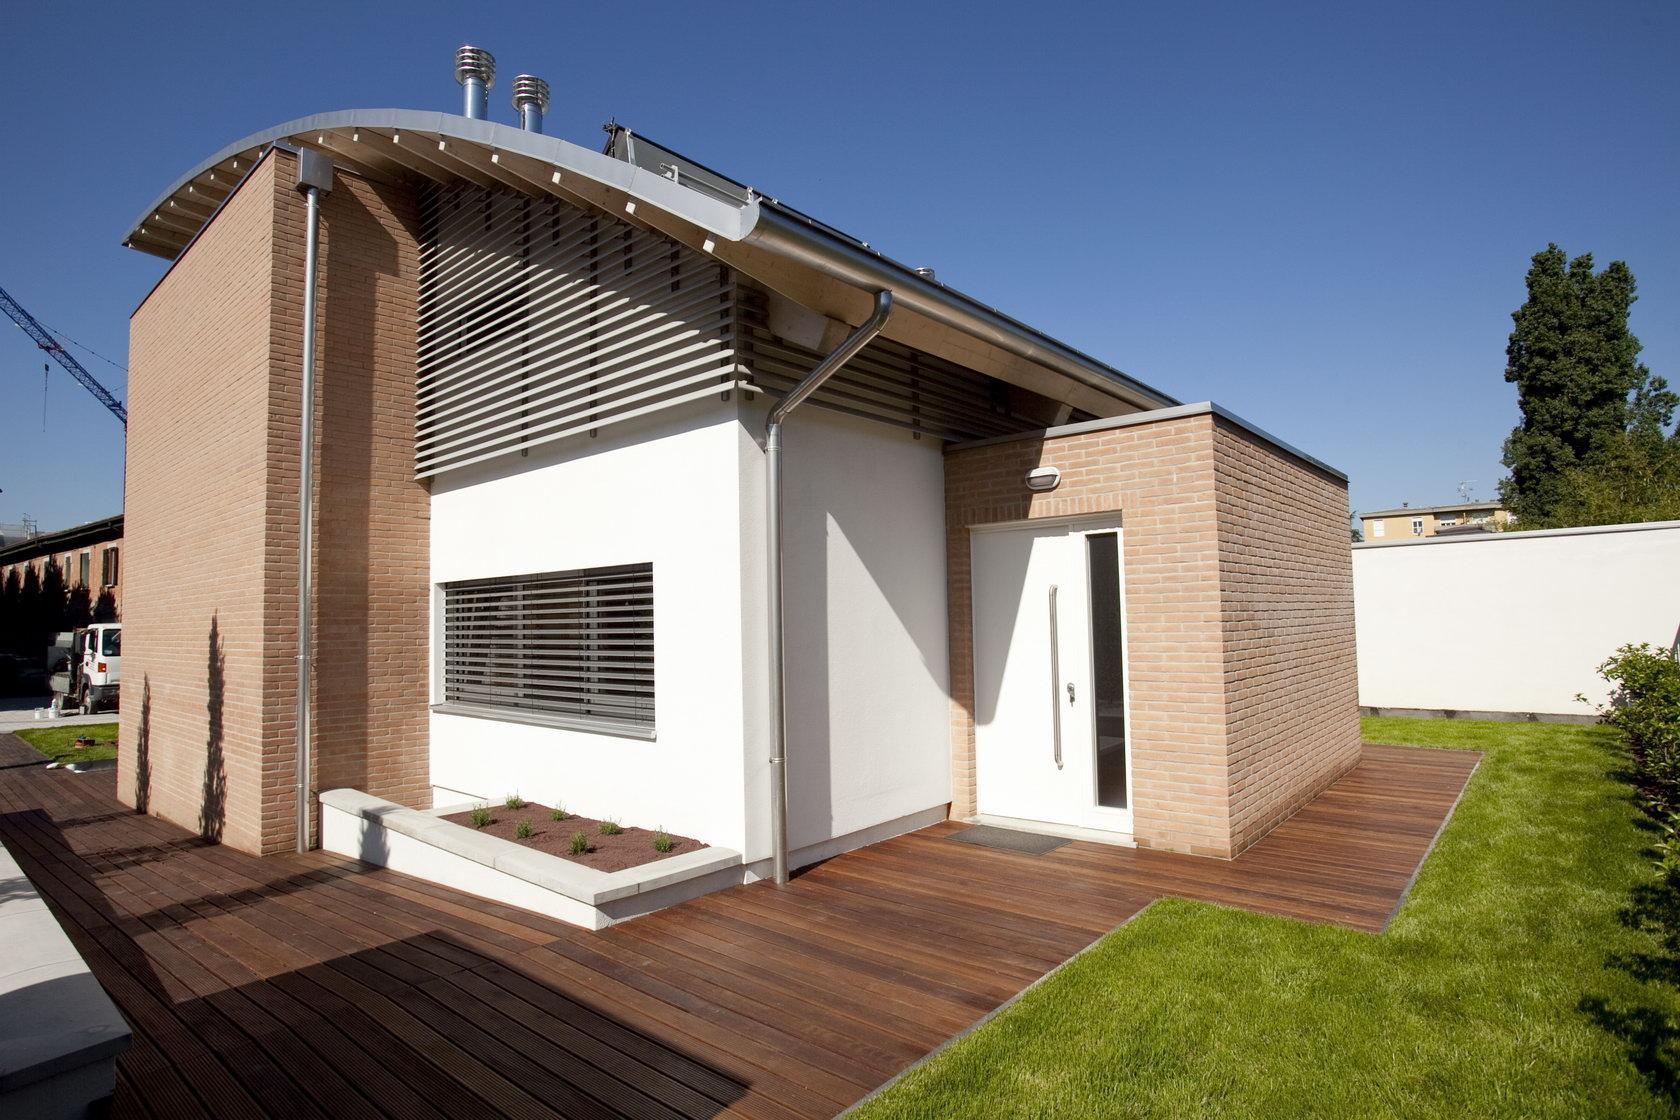 Modernes haus bauen modernes architektenhaus zu for Architektenhaus modern